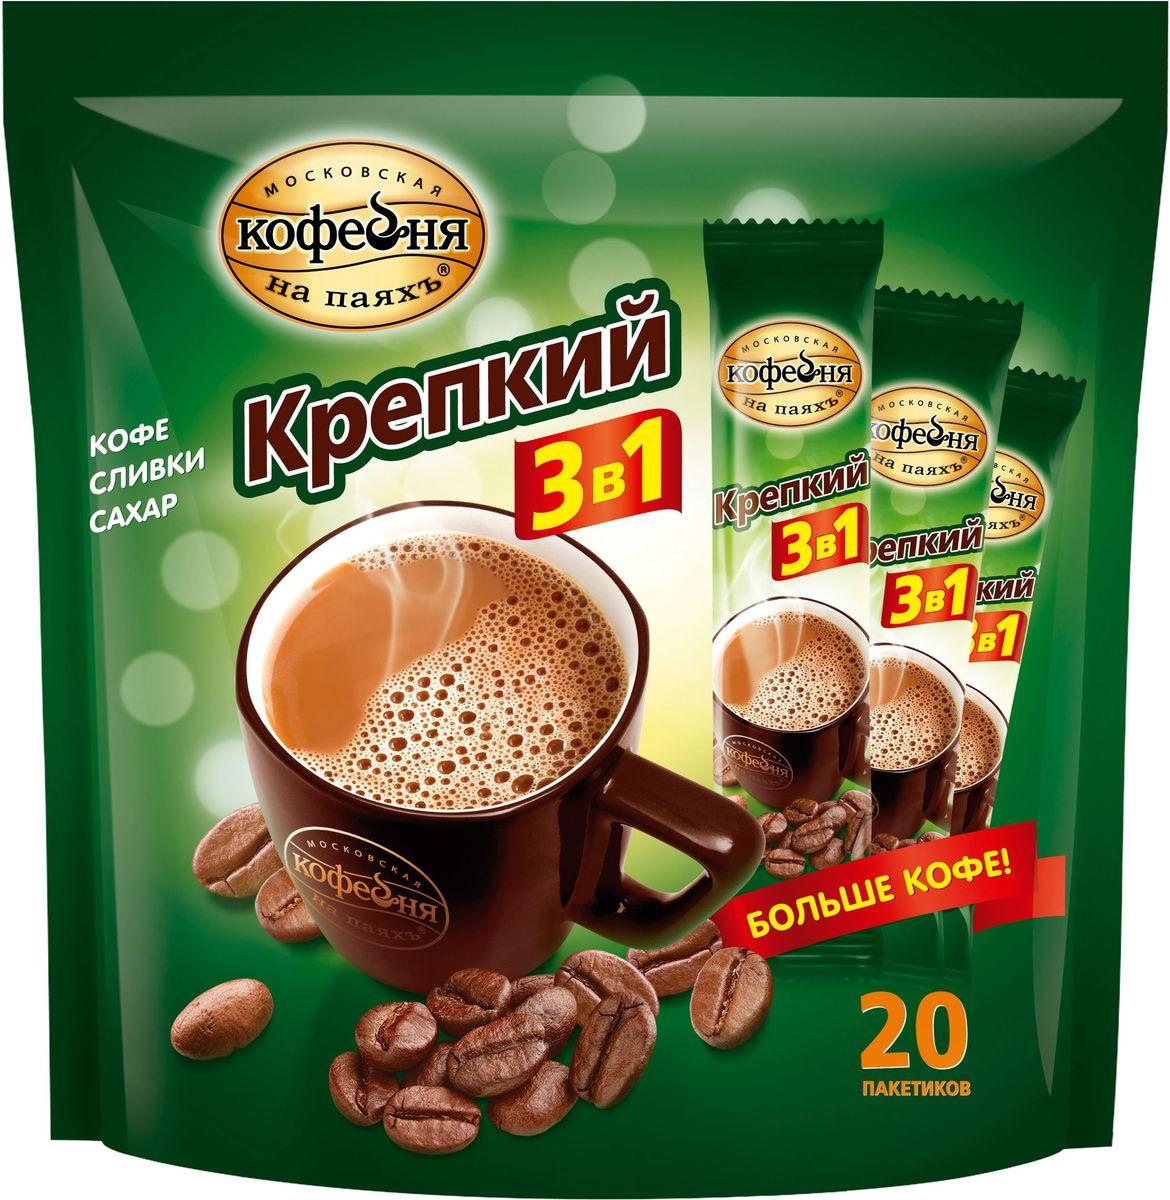 Московская кофейня на паяхъ кофейный напиток растворимый 3 в 1 Крепкий, 20 шт